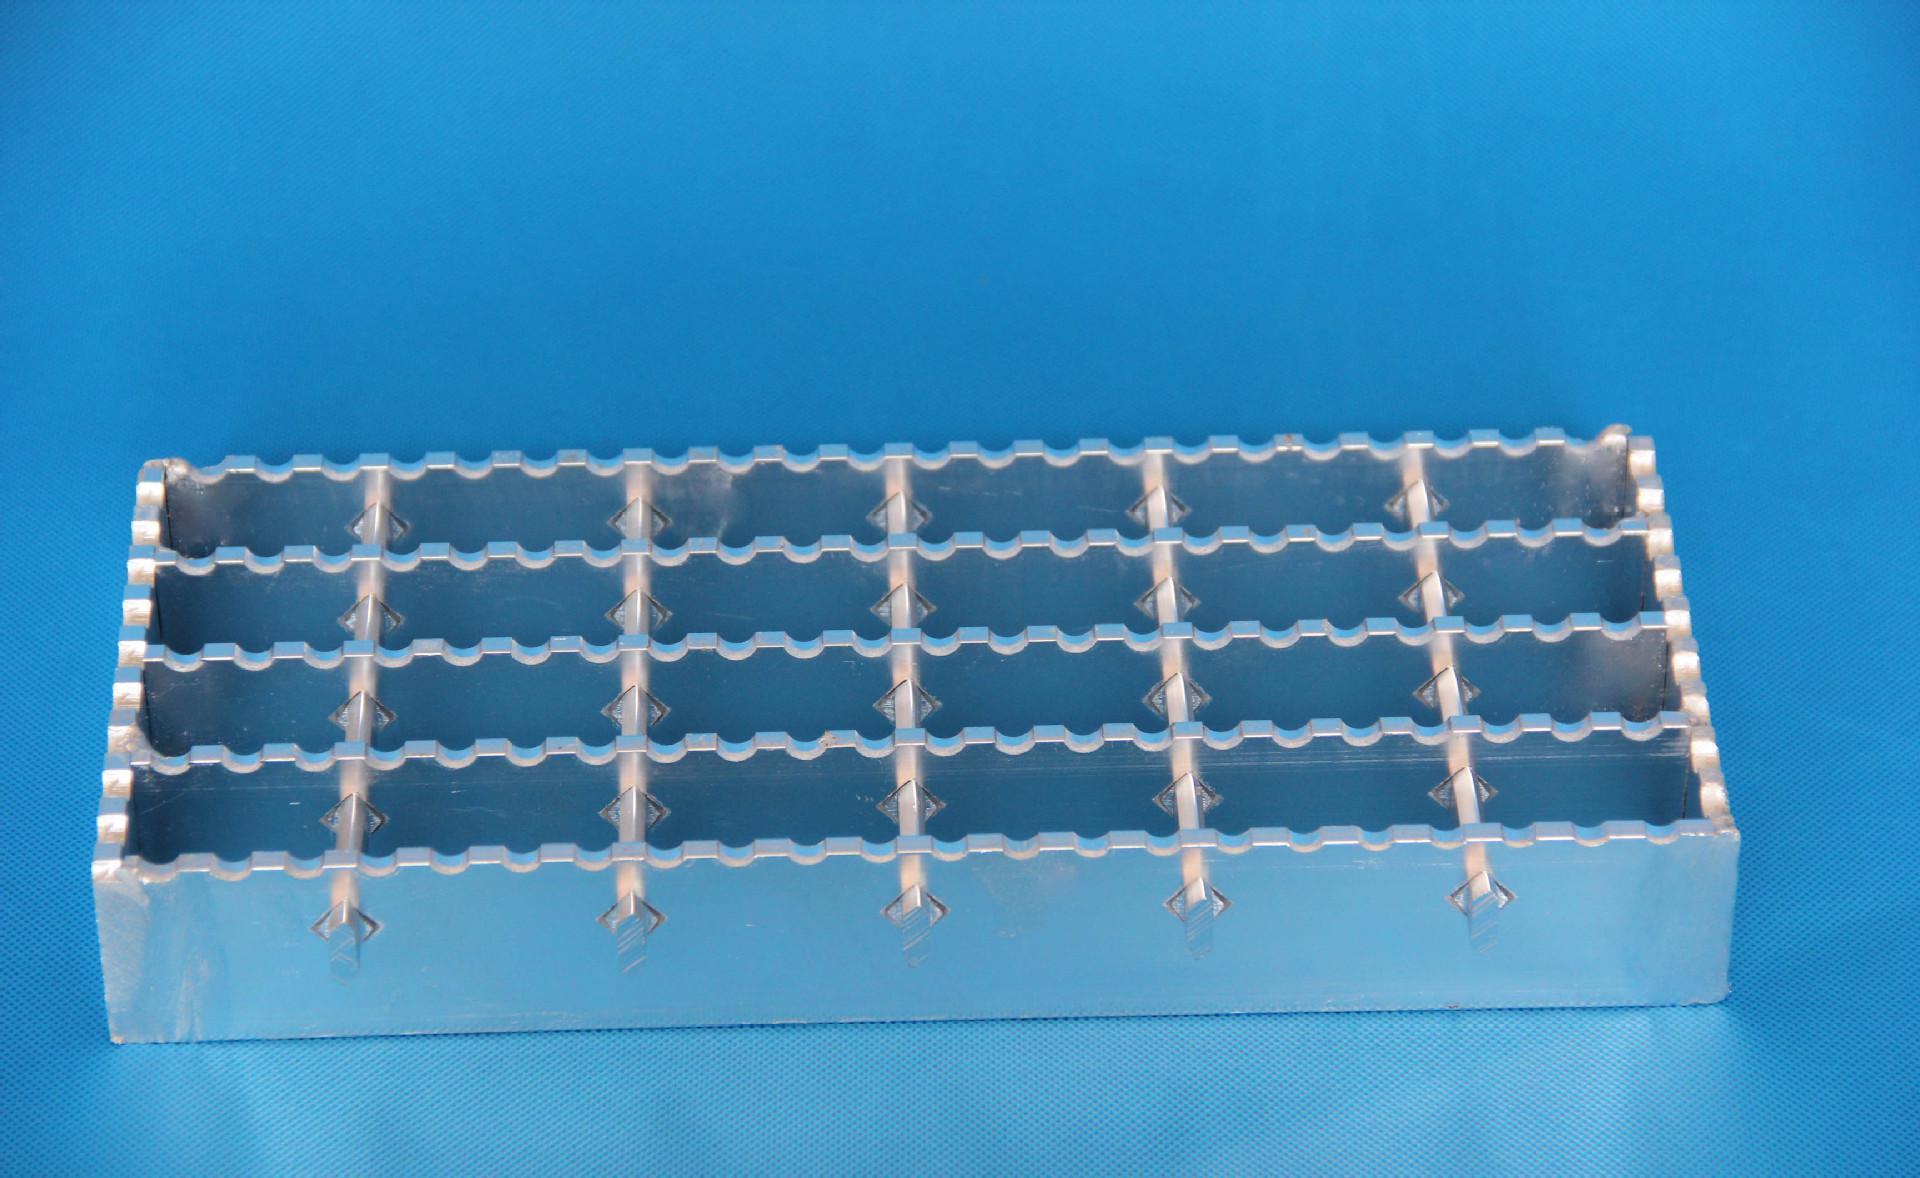 热浸锌钢格板@钢格板厂@无锡钢格板逍迪丝网专业生产图片六